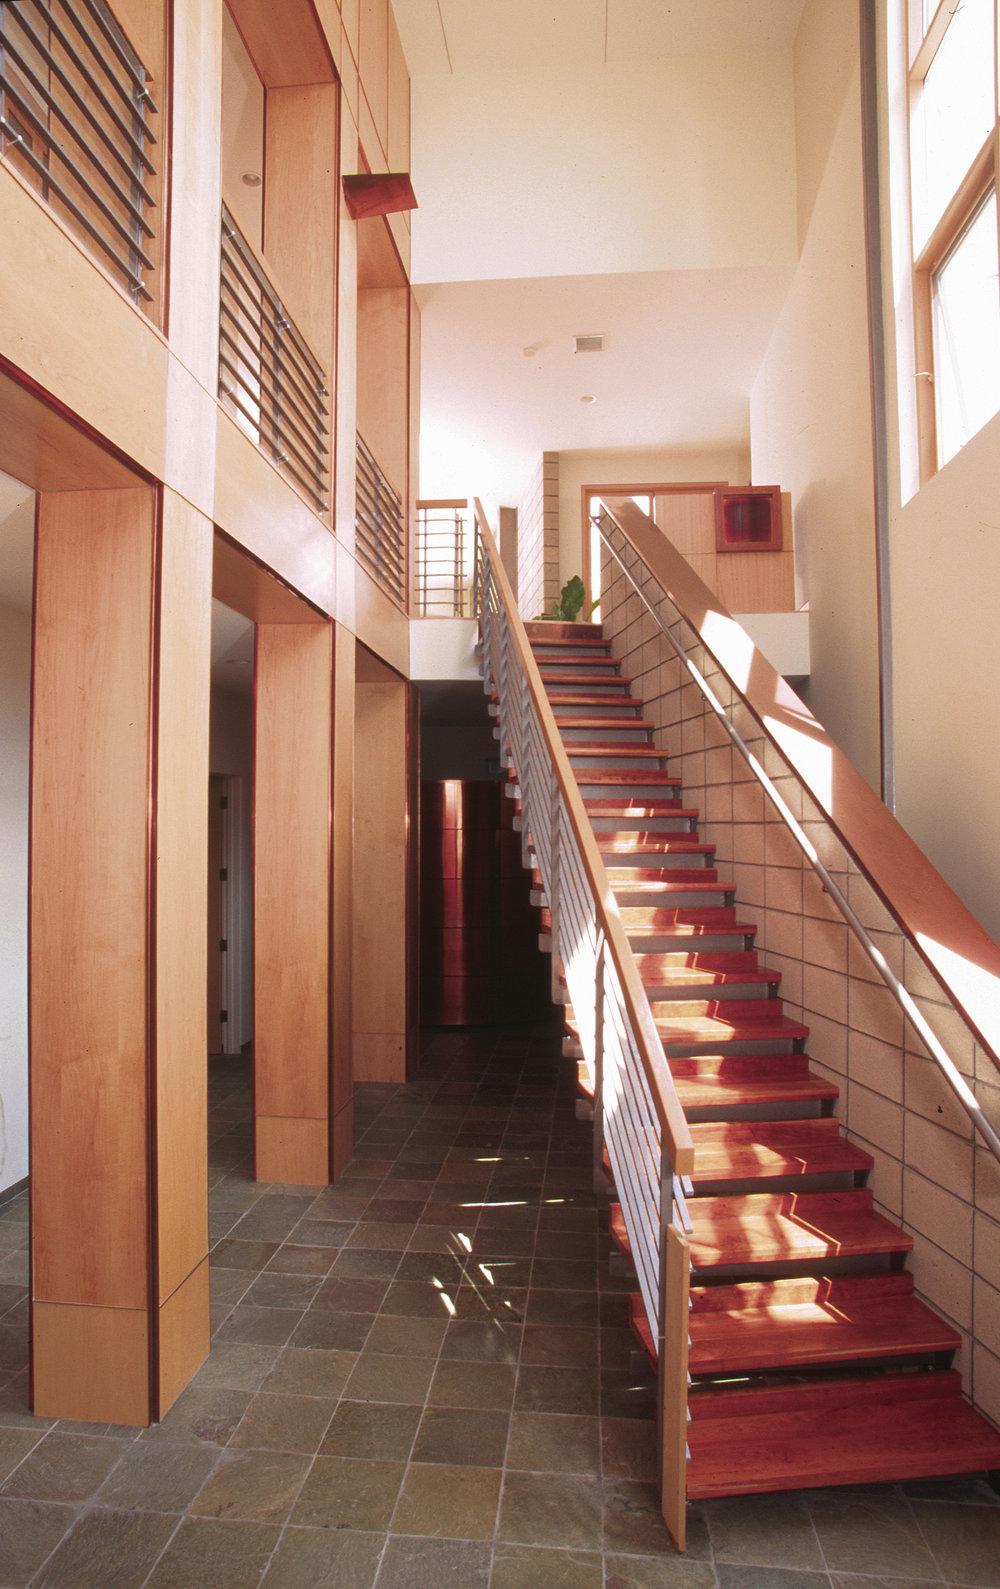 JohnSt_Stairway.jpg